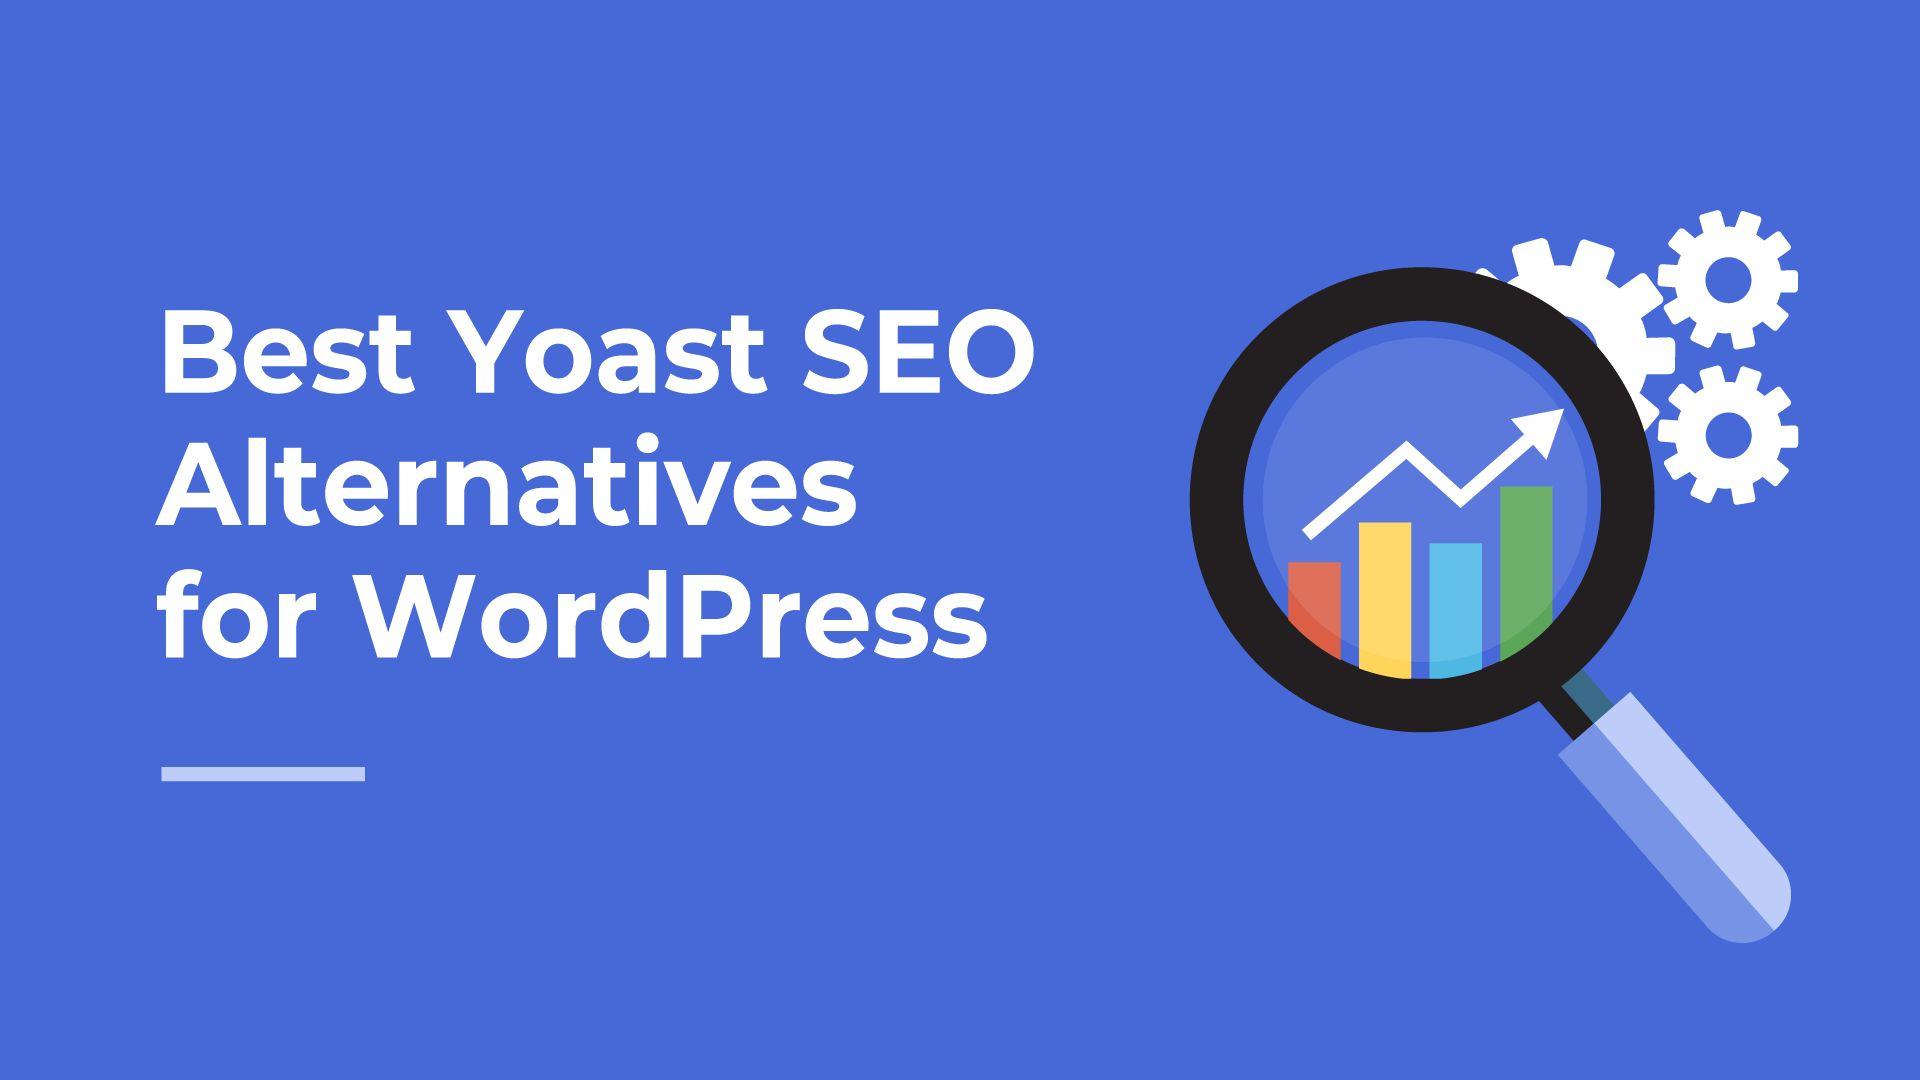 WordPress için en iyi Yoast SEO alternatifleri, öne çıkan görüntü